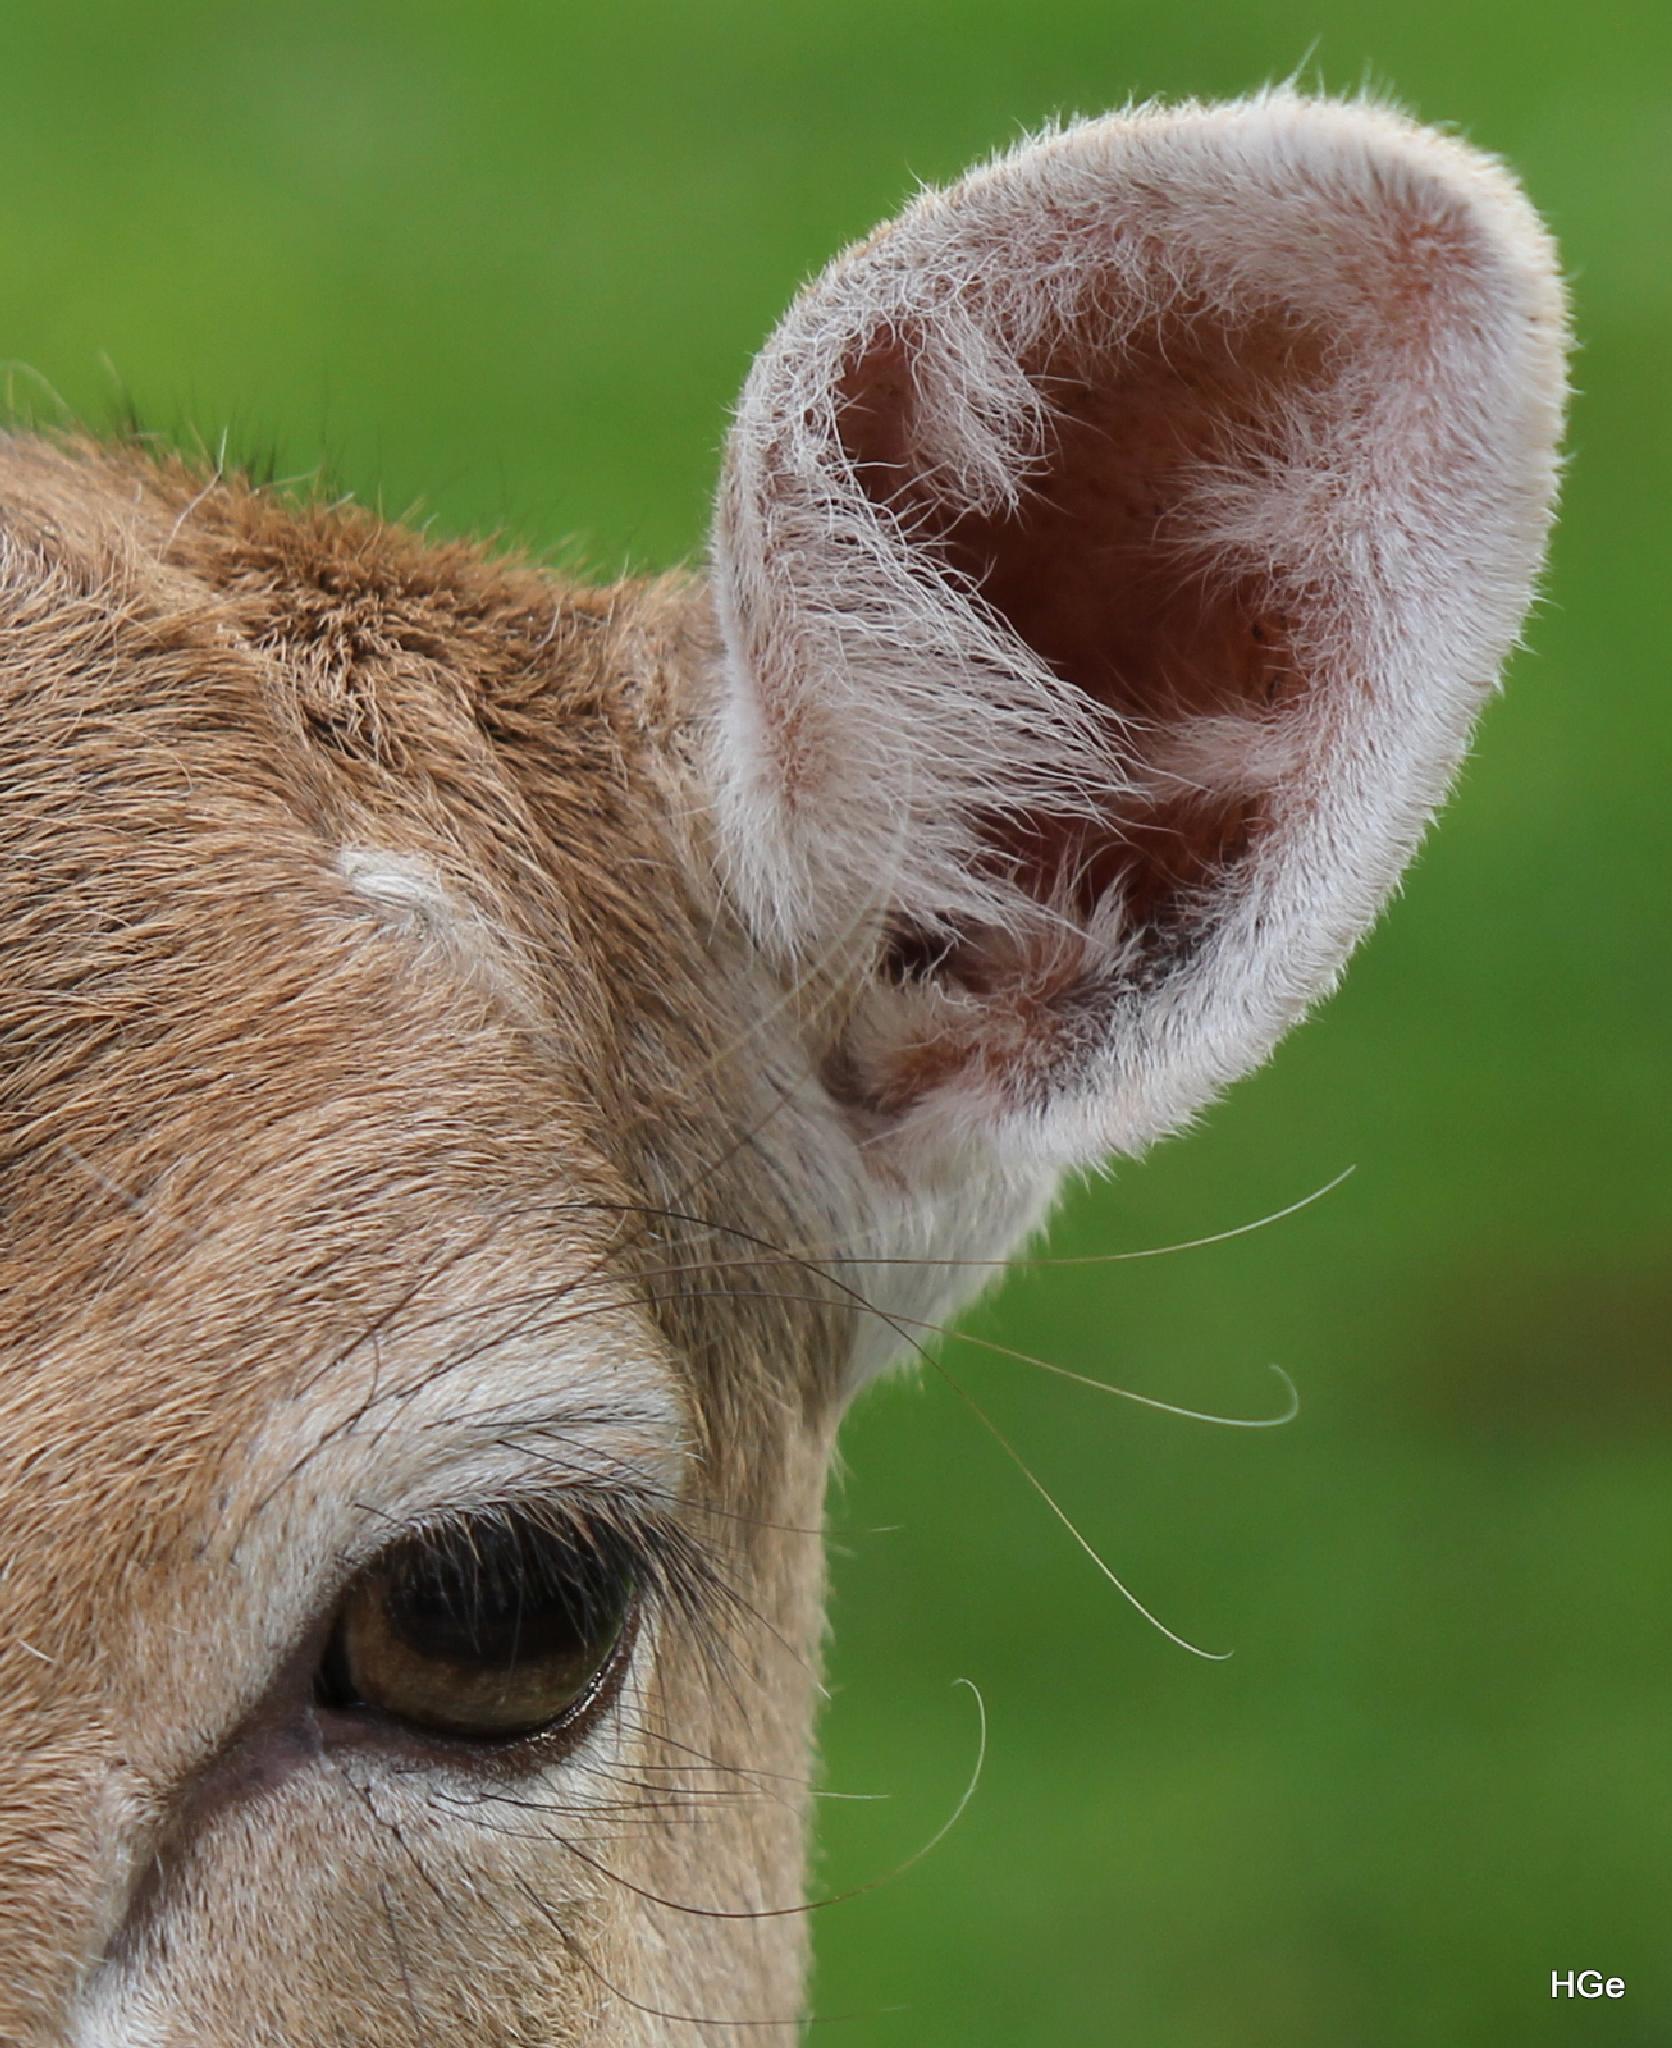 Deer by Henry Geerling